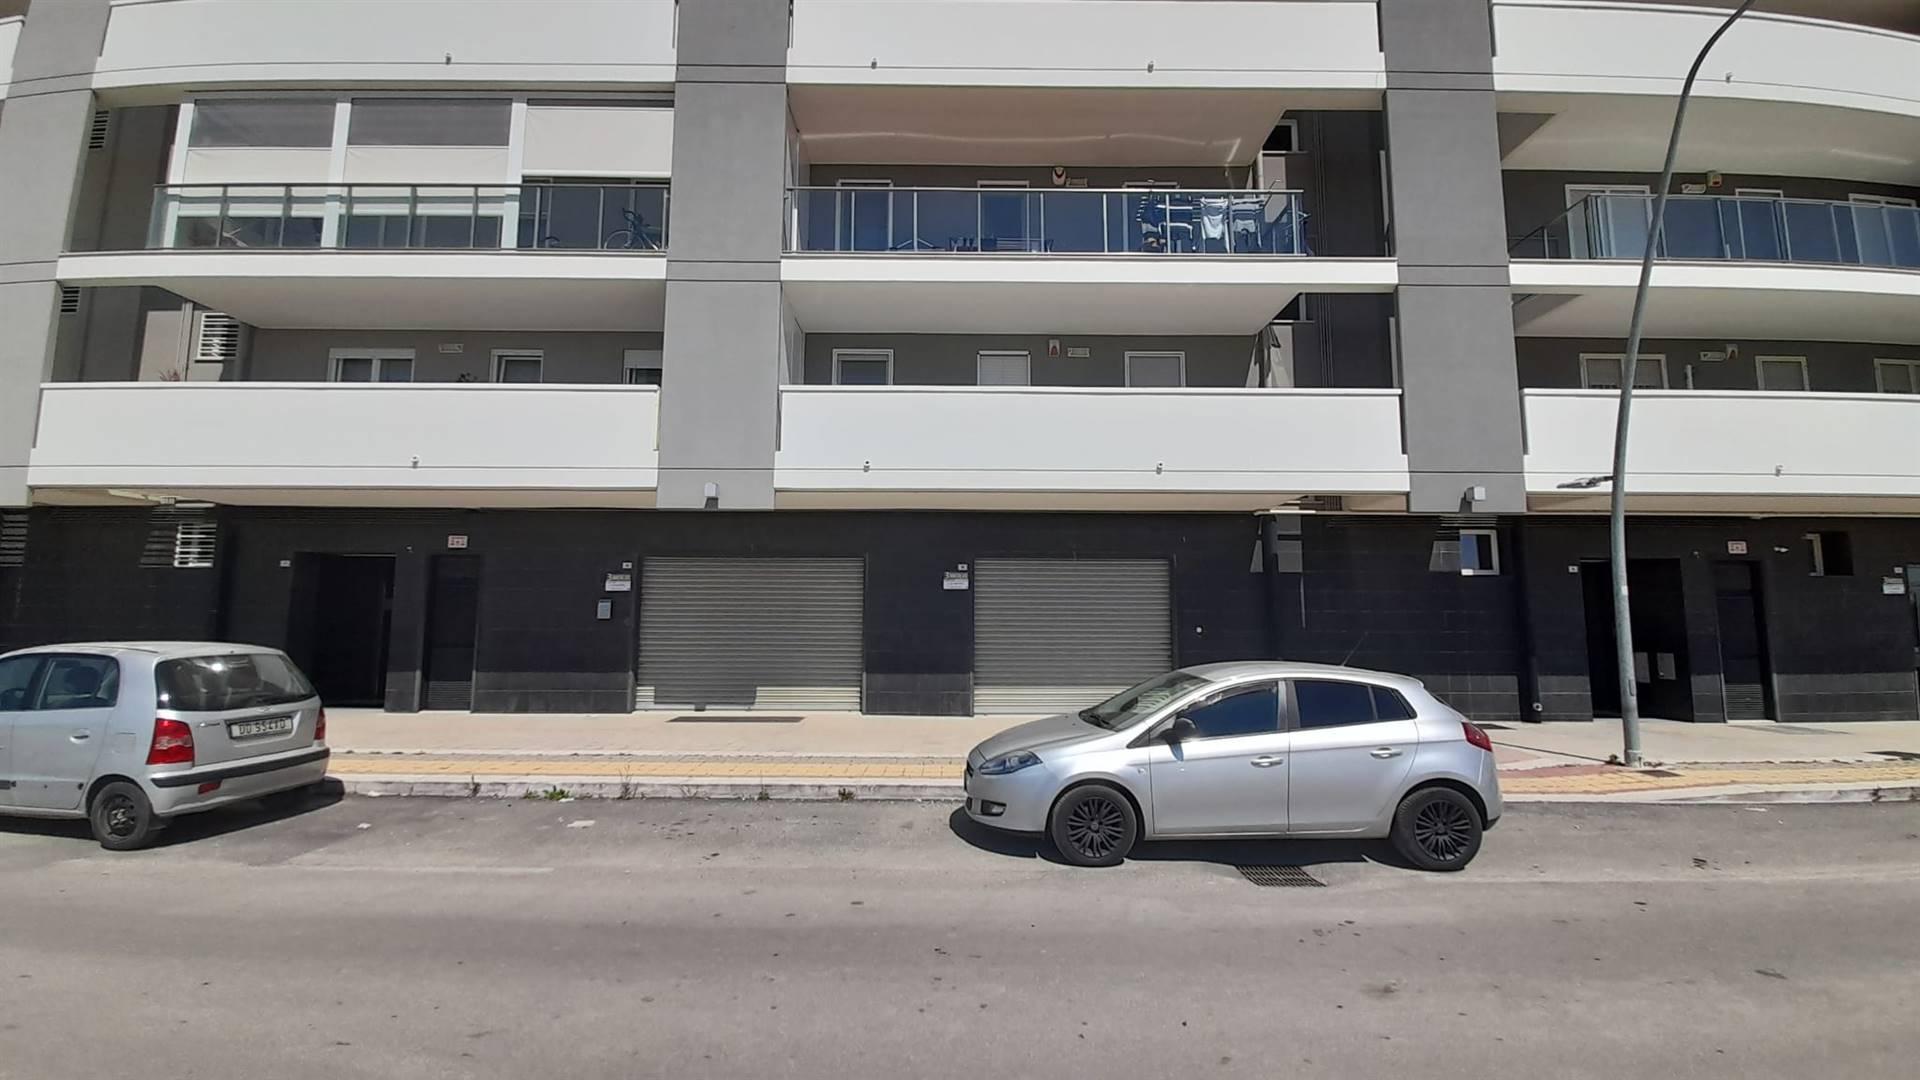 Immobile Commerciale in vendita a Barletta, 3 locali, zona Località: 167, prezzo € 100.000 | CambioCasa.it